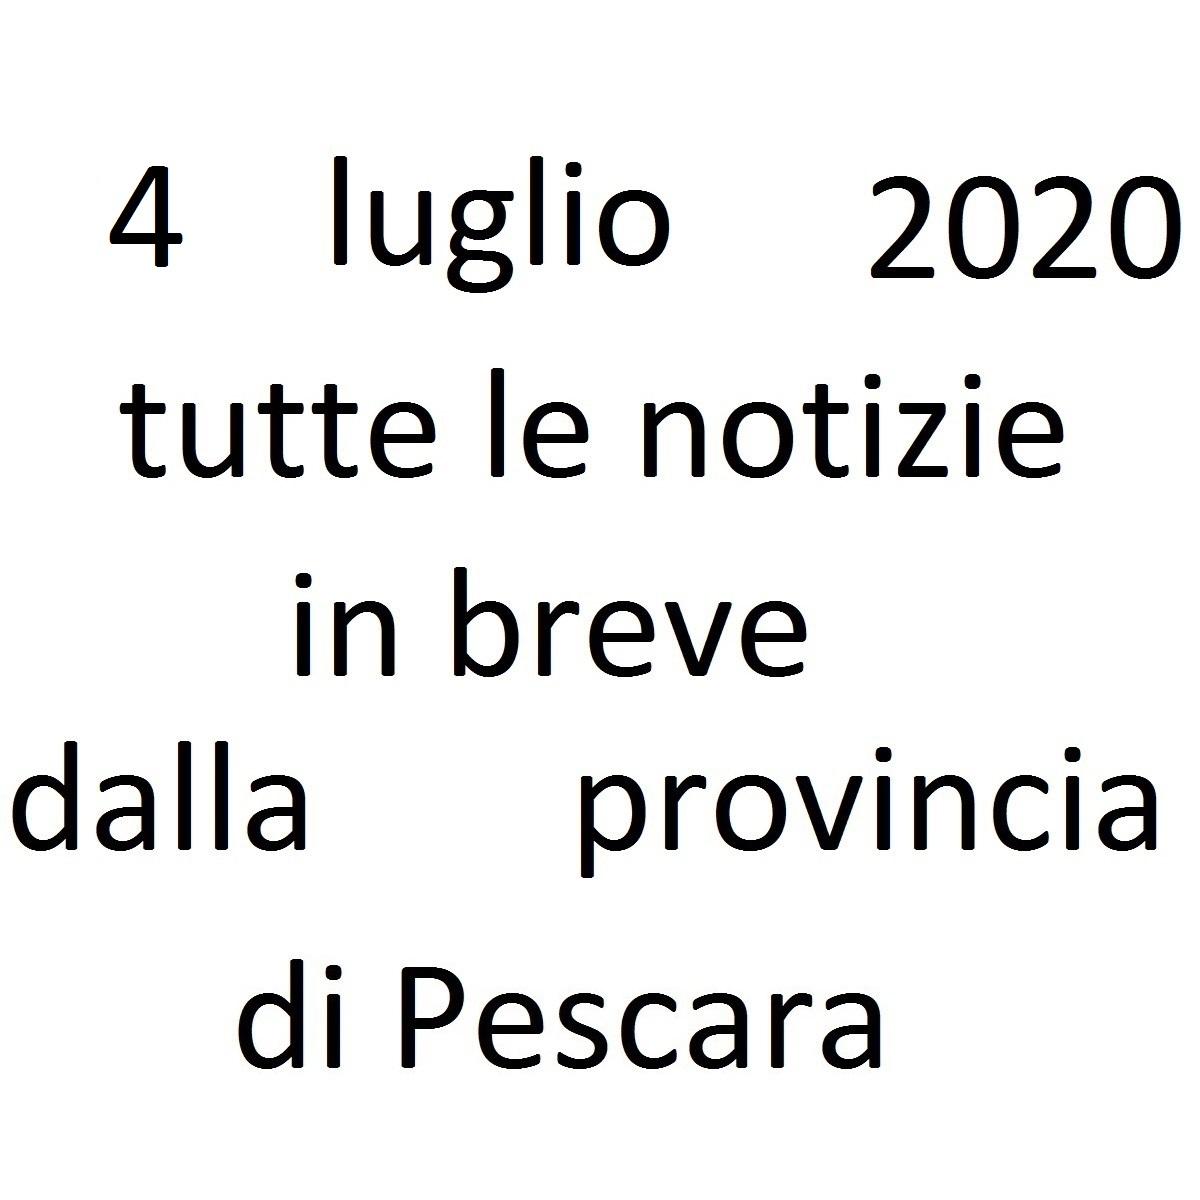 4 luglio 2020 notizie in breve dalla Provincia di Pescara foto